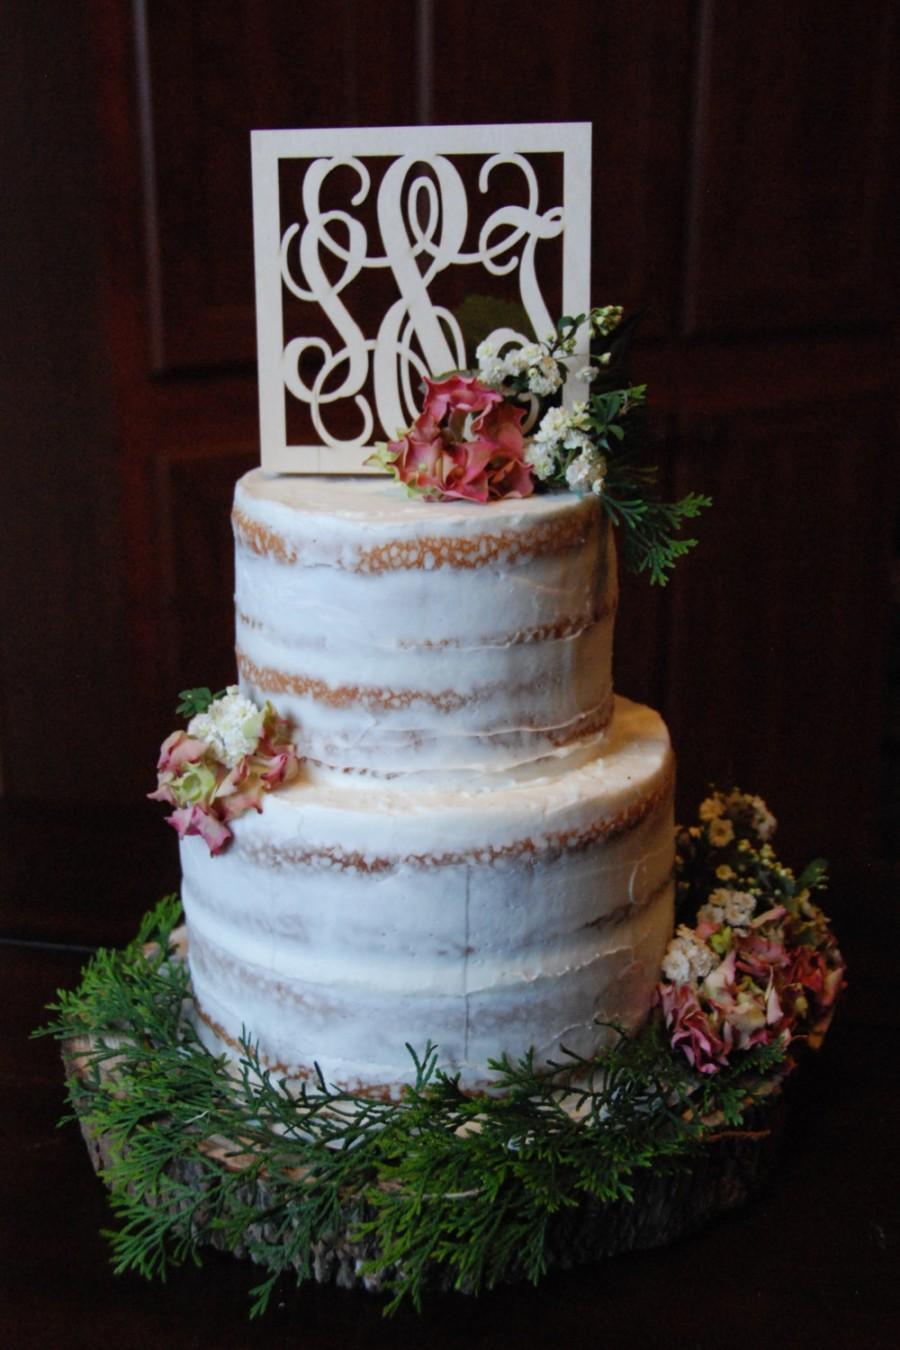 Hochzeit - Monogram Cake Topper - Unpainted Wooden Cake Topper - Wedding Cake Topper - Initial Cake Topper